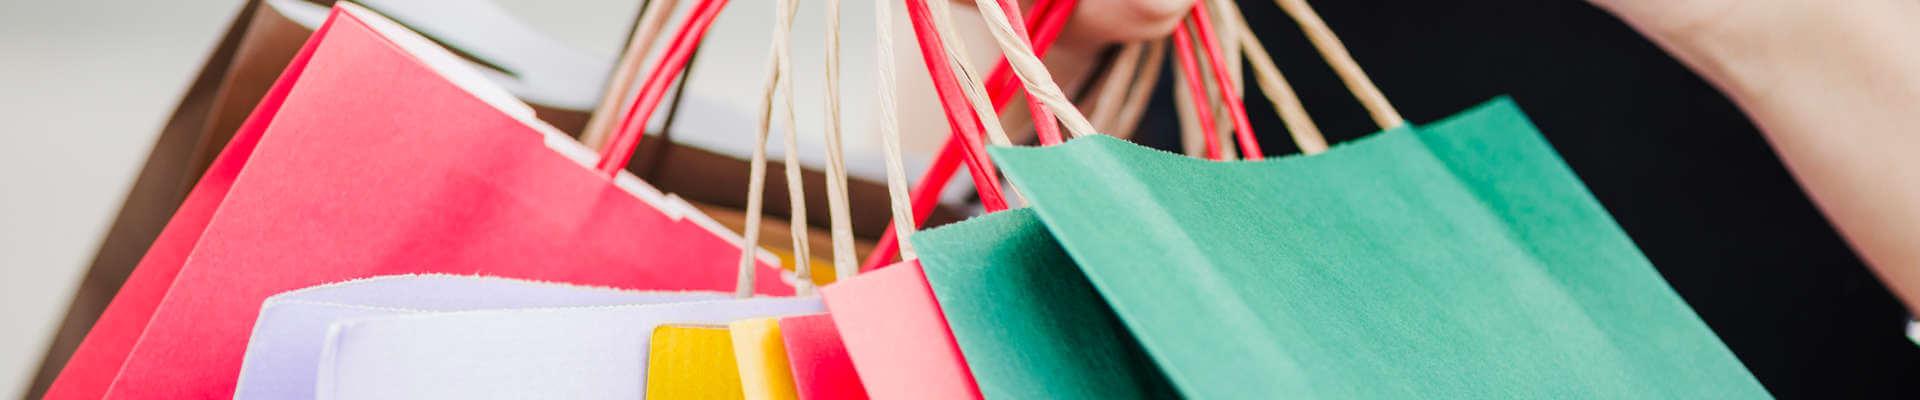 Покупки в интернет-магазине в Оренбурге